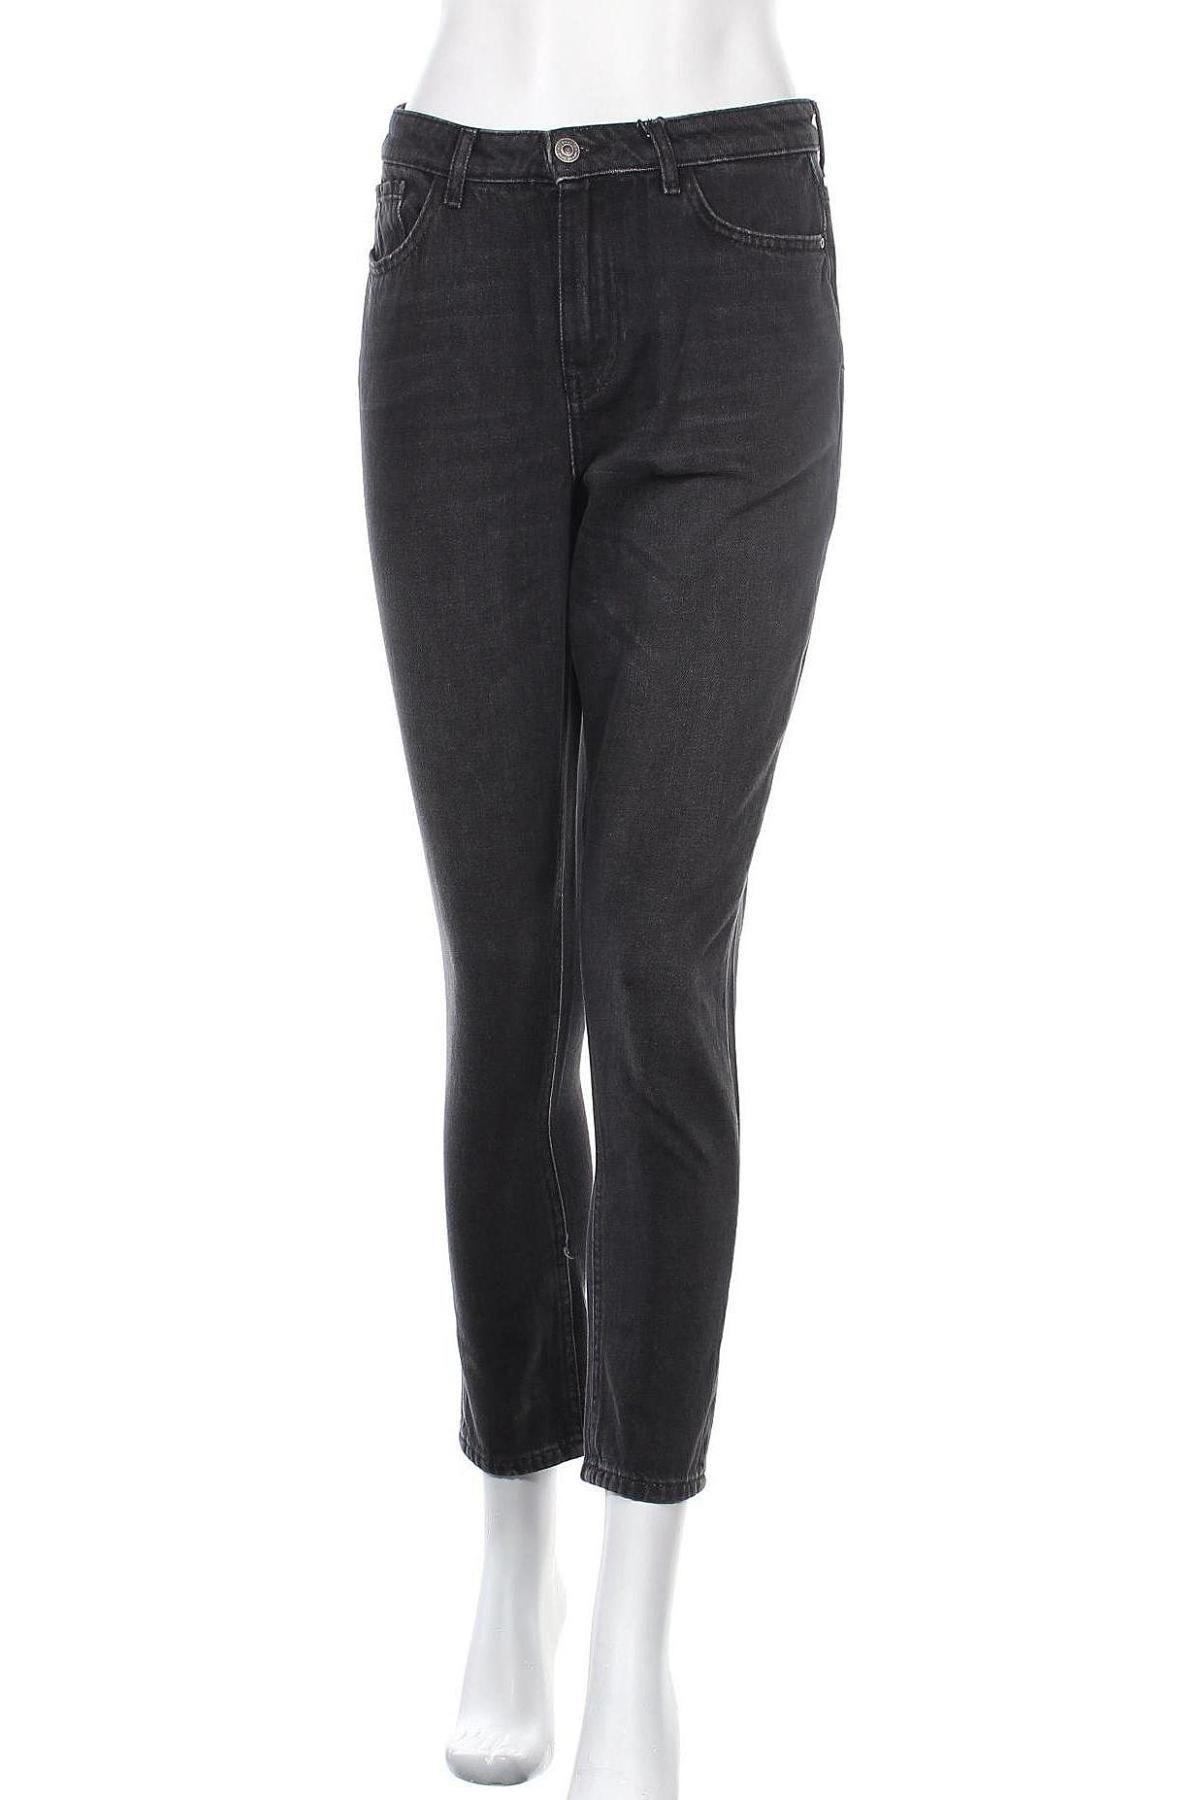 Дамски дънки ONLY, Размер L, Цвят Сив, 100% памук, Цена 40,12лв.